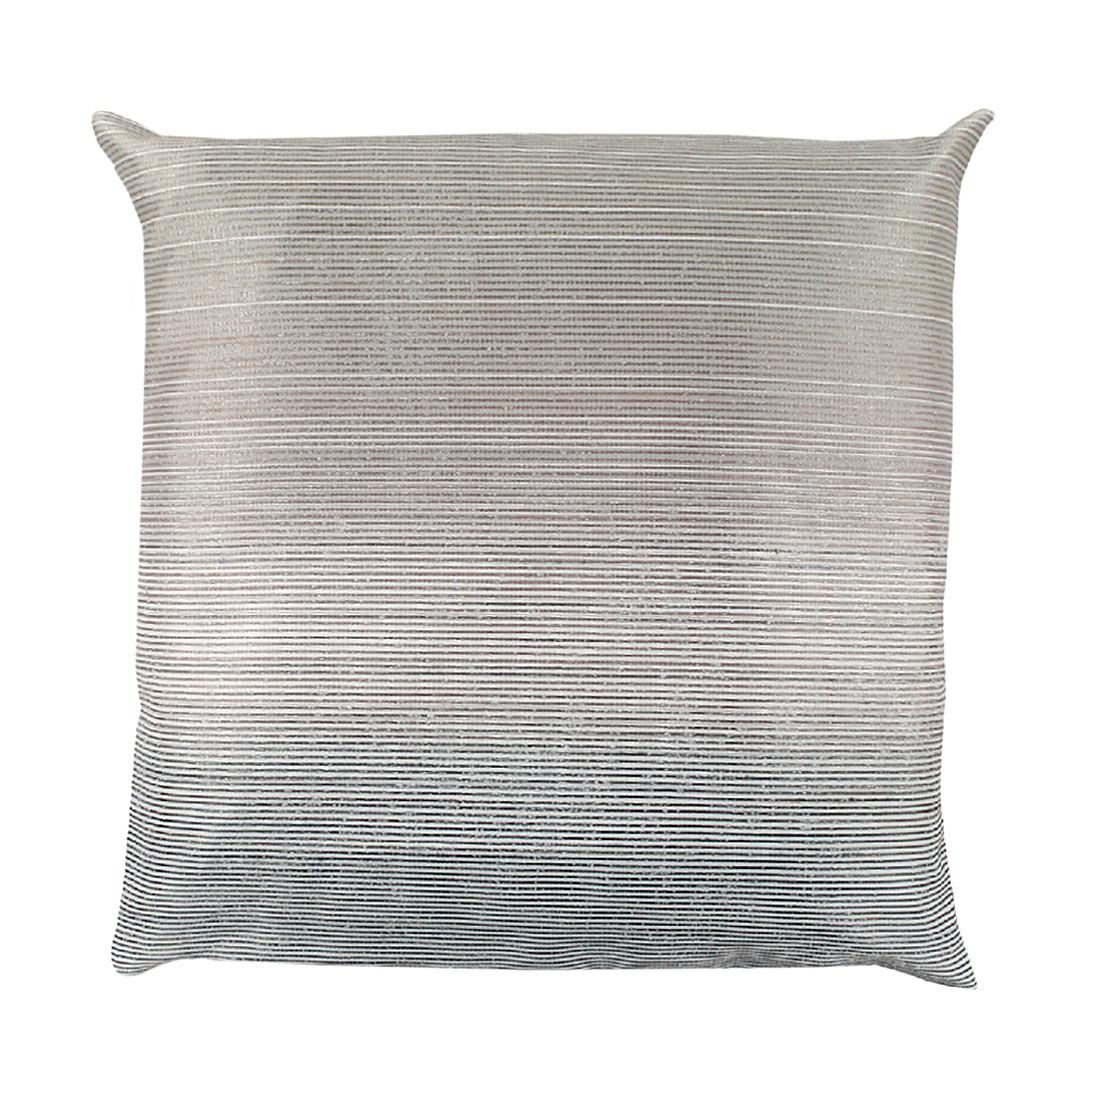 Kissenhülle Hierro – Beige – 50 x 50 cm, Home Wohnideen online kaufen